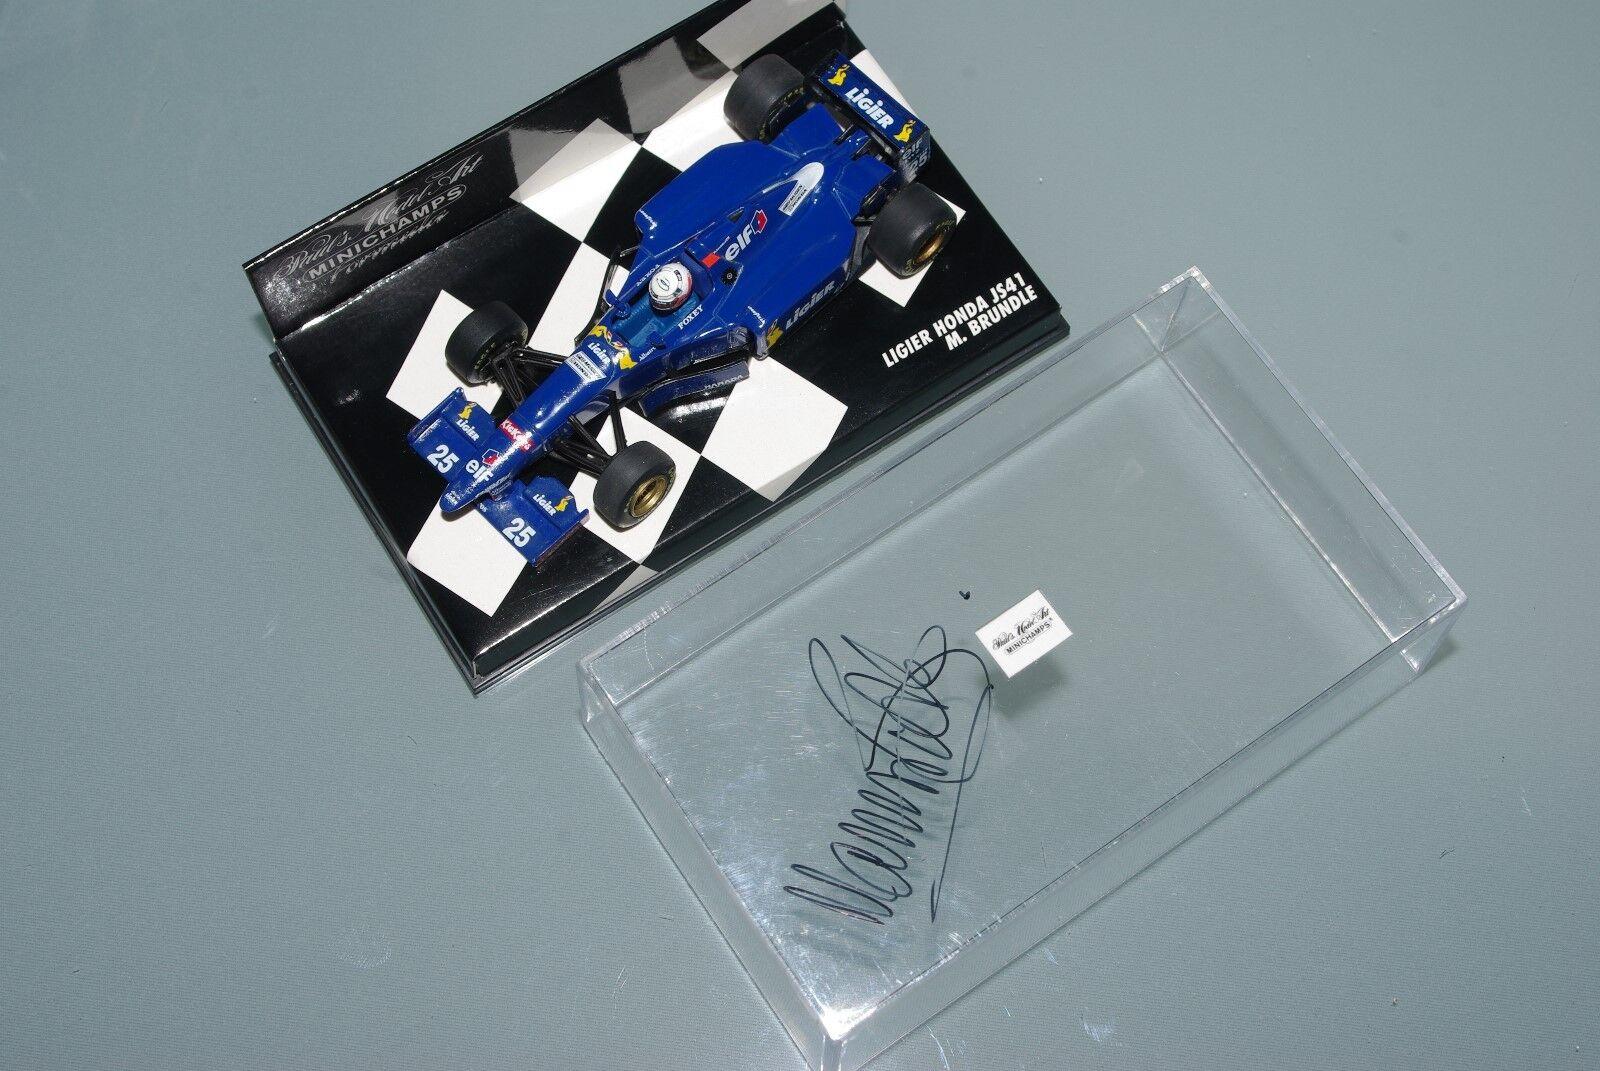 Minichamps F1 1 43 LIGIER HONDA JS41 - MARTIN BRUNDLE  SIGNED AUTOGRAPH